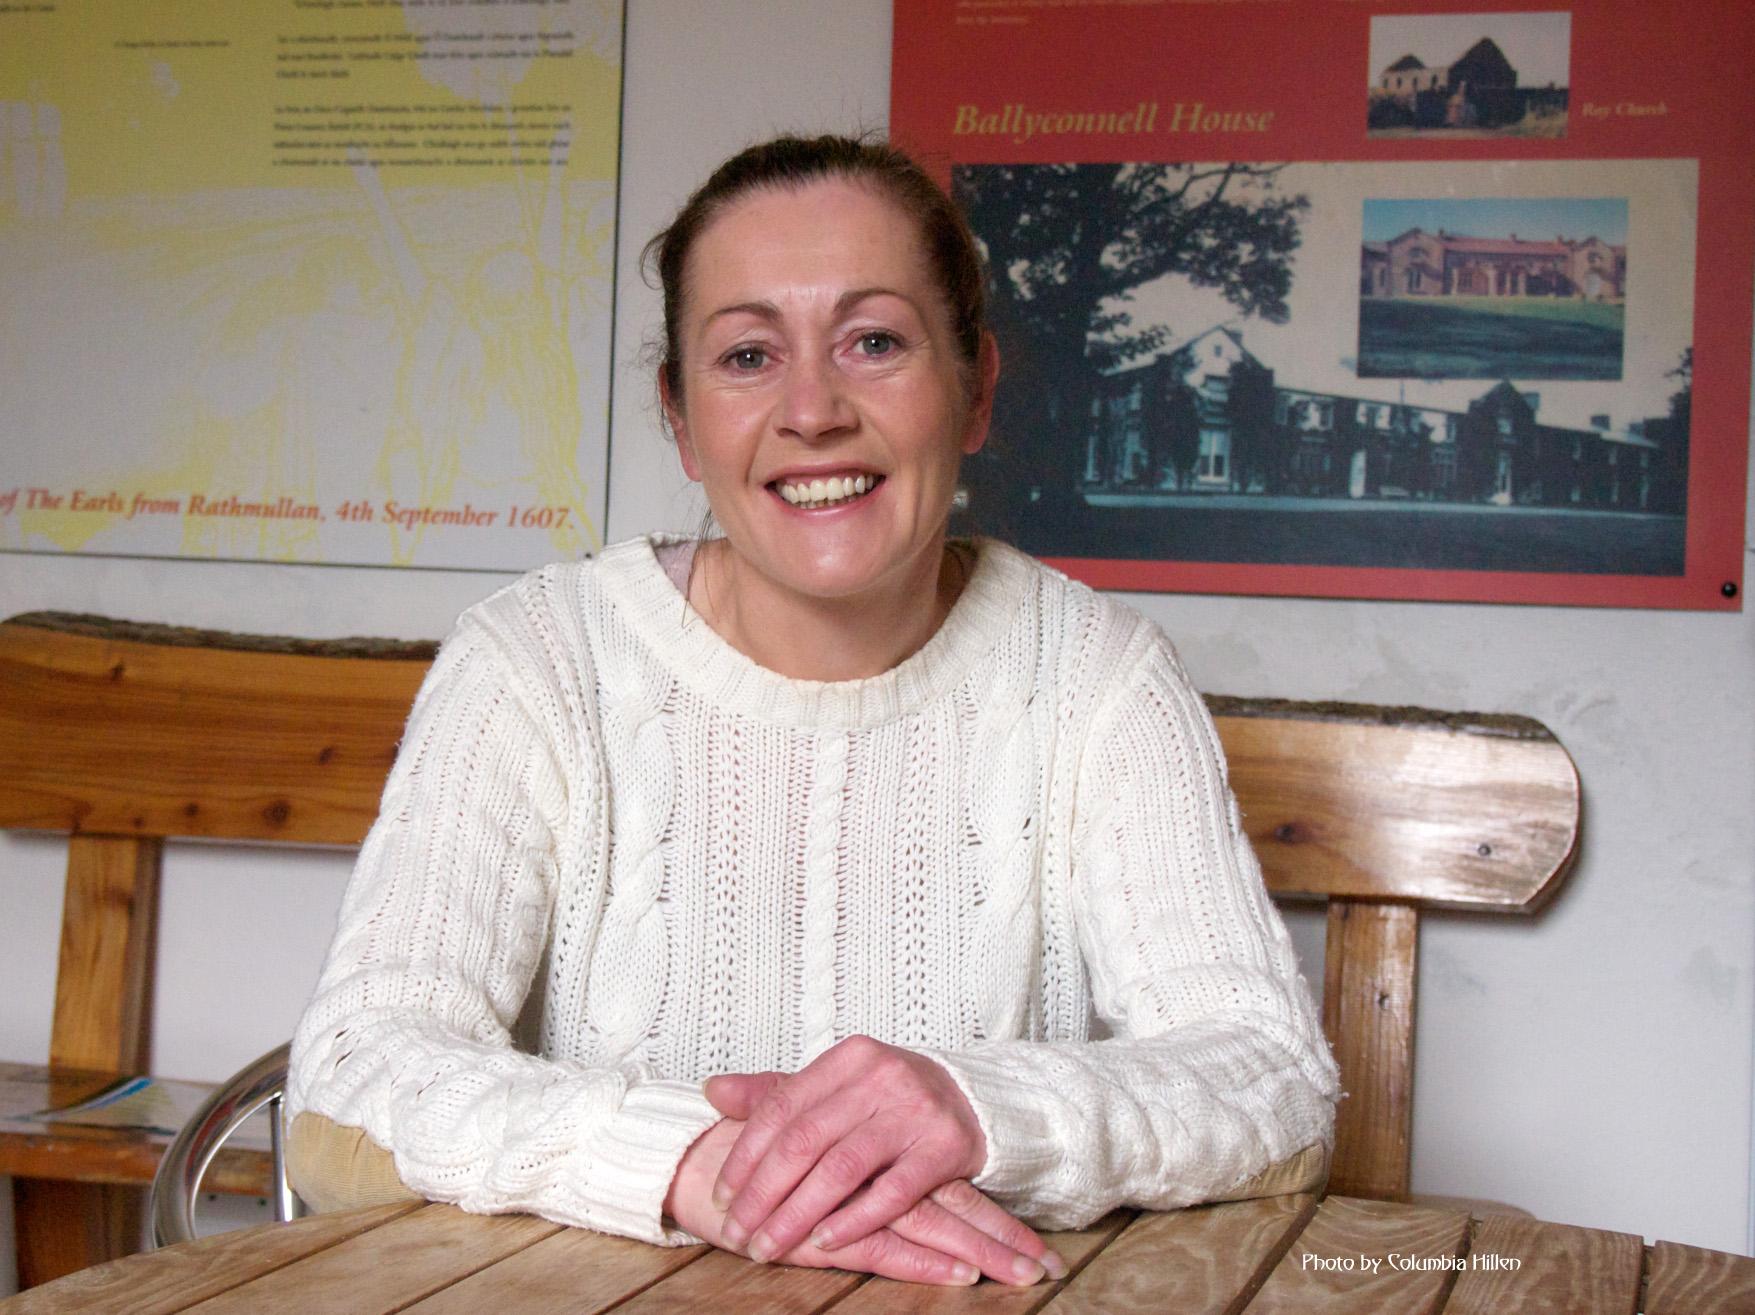 Kathleen Gallagher Falcarragh,